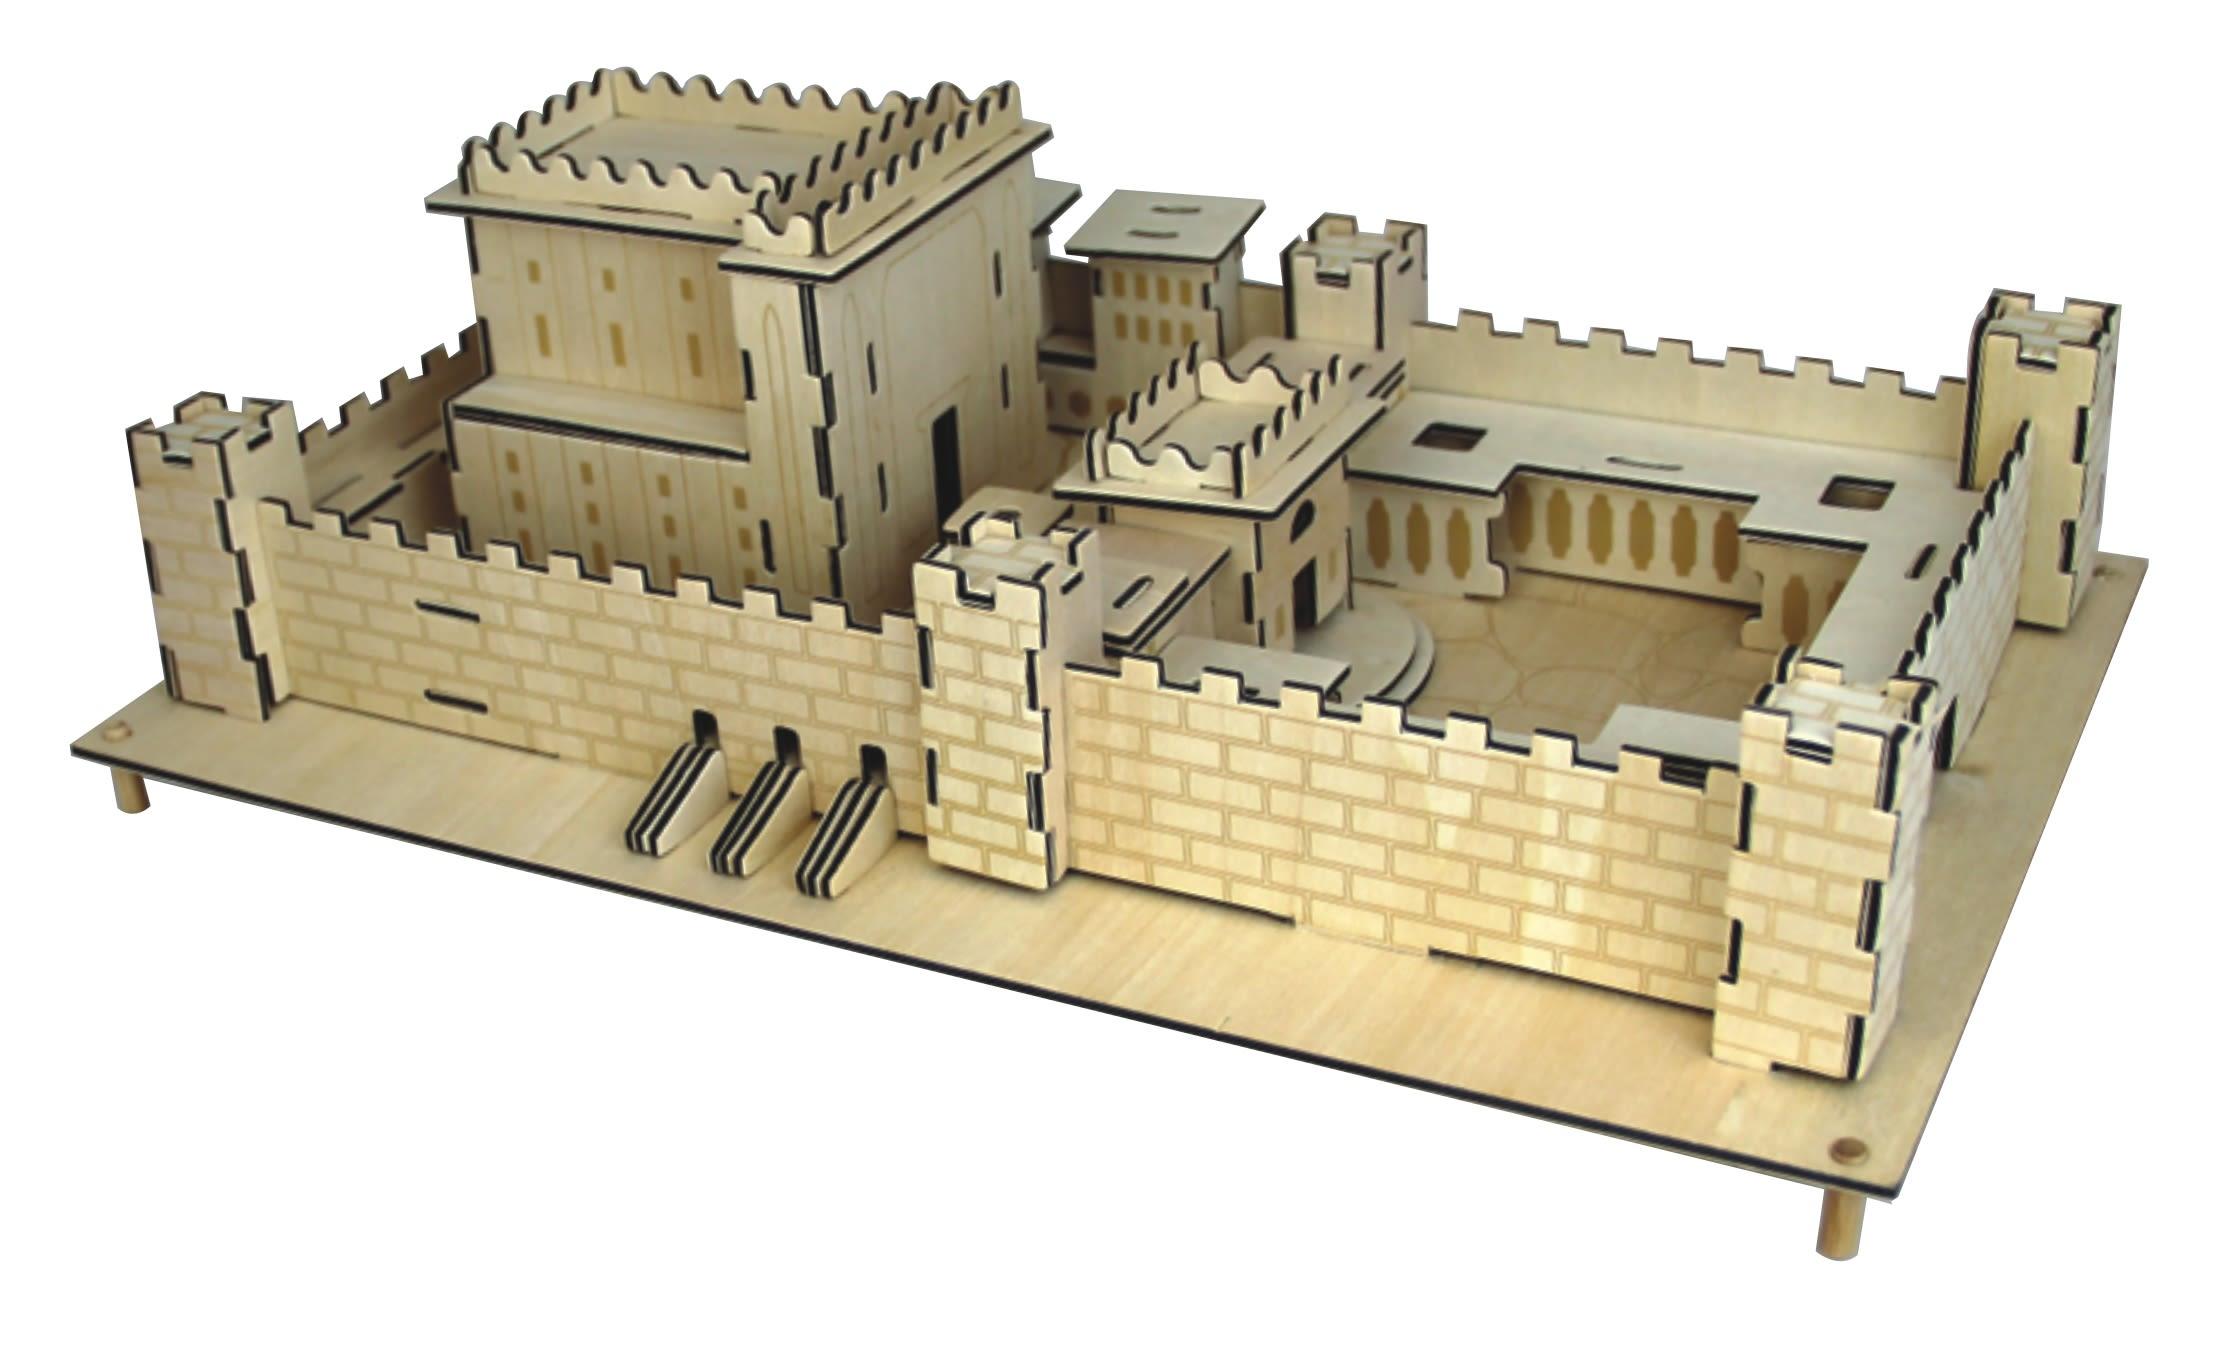 Конструктор -  объёмная модель Храма